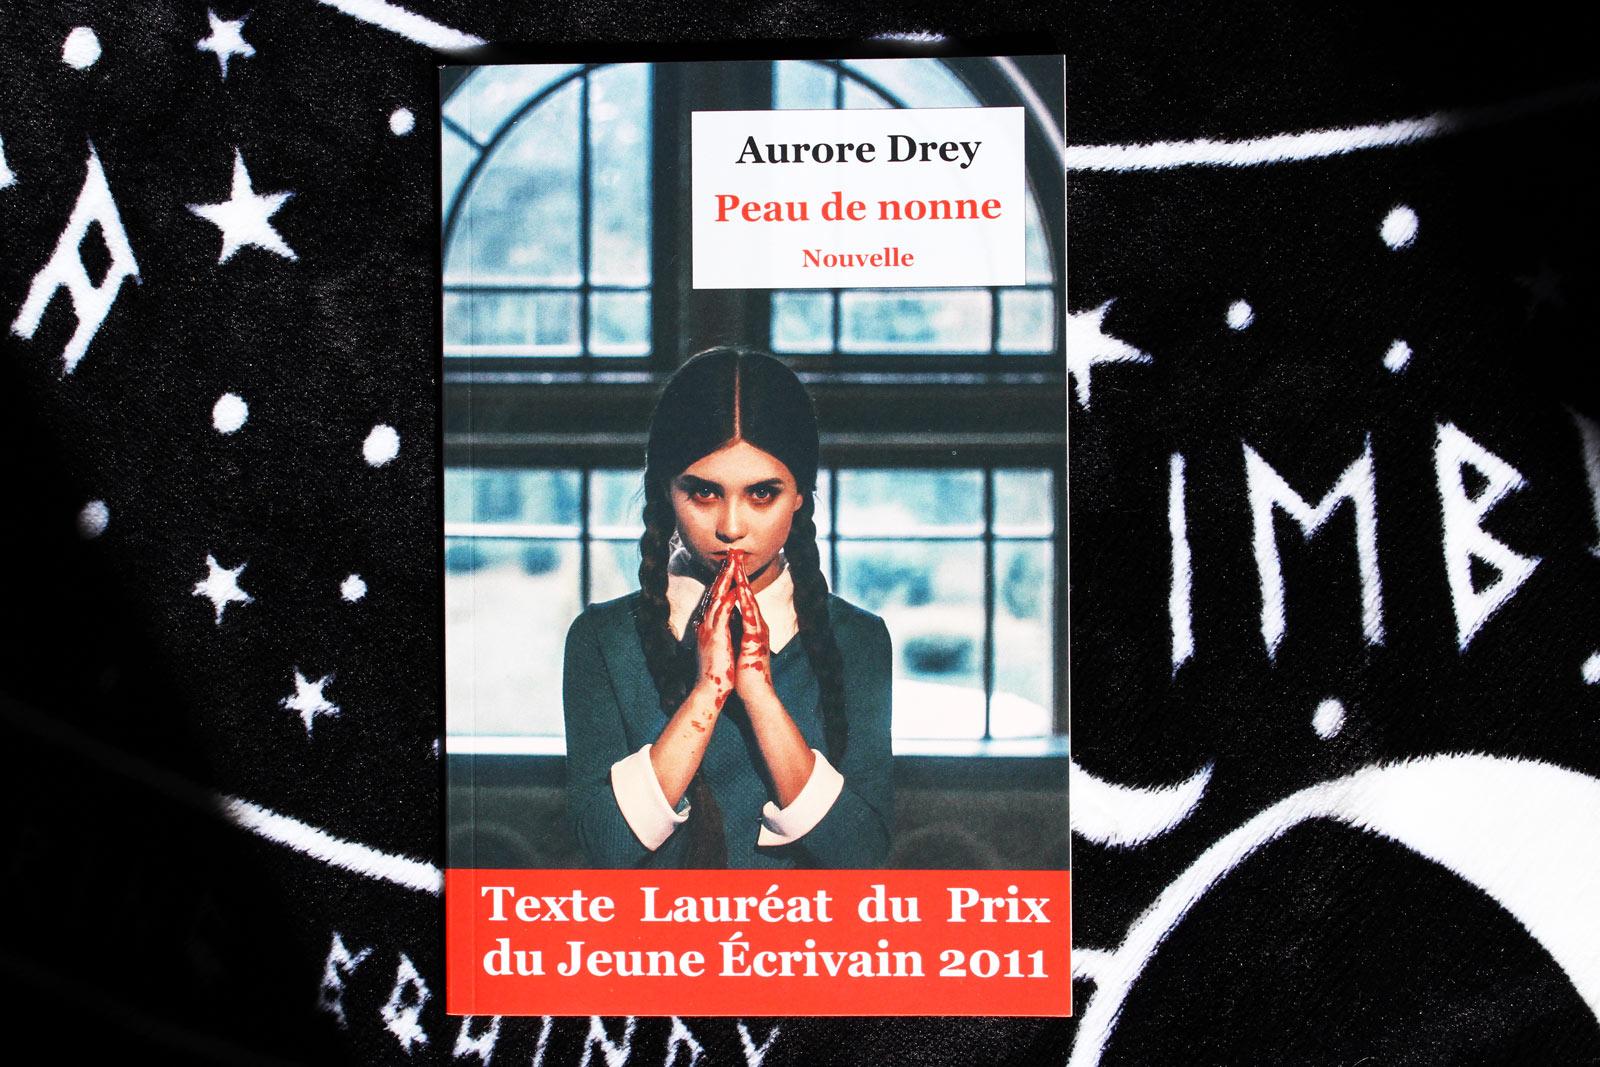 La nouvelle horrifique «Peau de nonne» par Aurore Drey